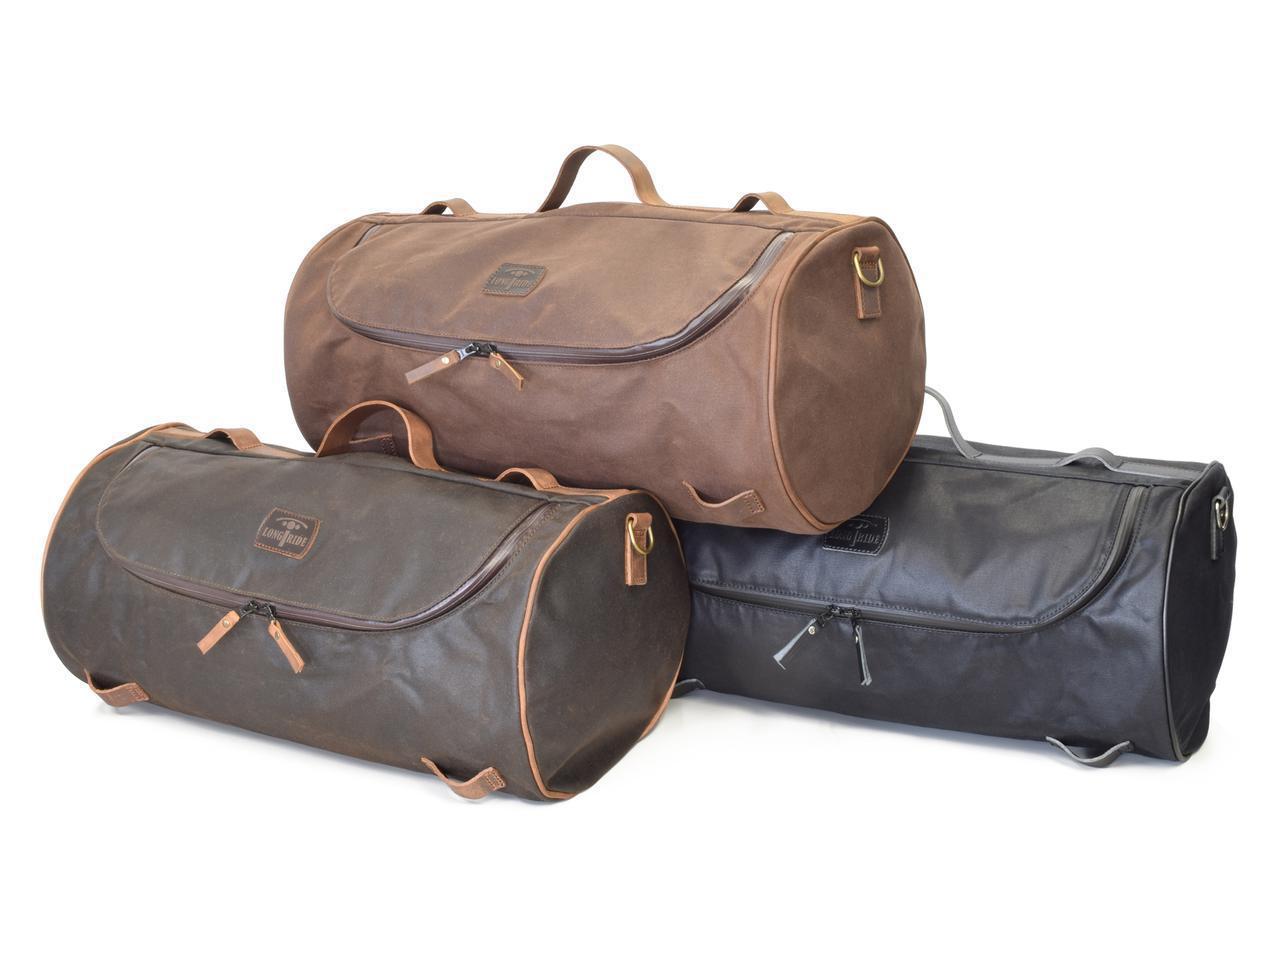 画像1: ベルギー発、こだわりが詰まったおしゃれバッグ|「ロングライド」のダッフルバッグは旅するバイクによく似合う!